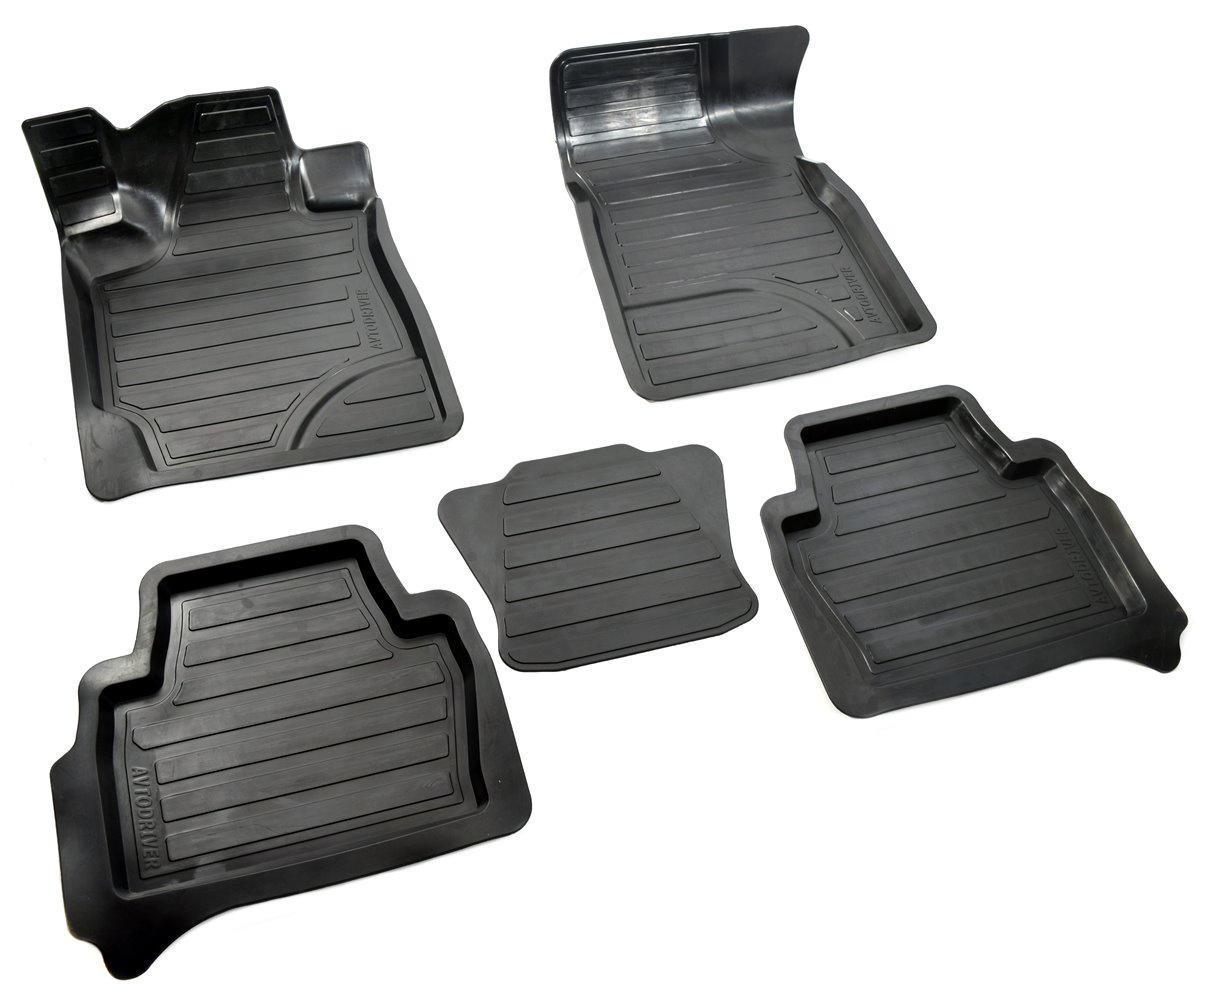 Коврики в салон автомобиля Avtodriver, для Toyota Highlander, 2007-2014, ADRAVG162, резиновые, с бортиком, черный сетка в багажник toyota pt347 48140 для toyota highlander 2017